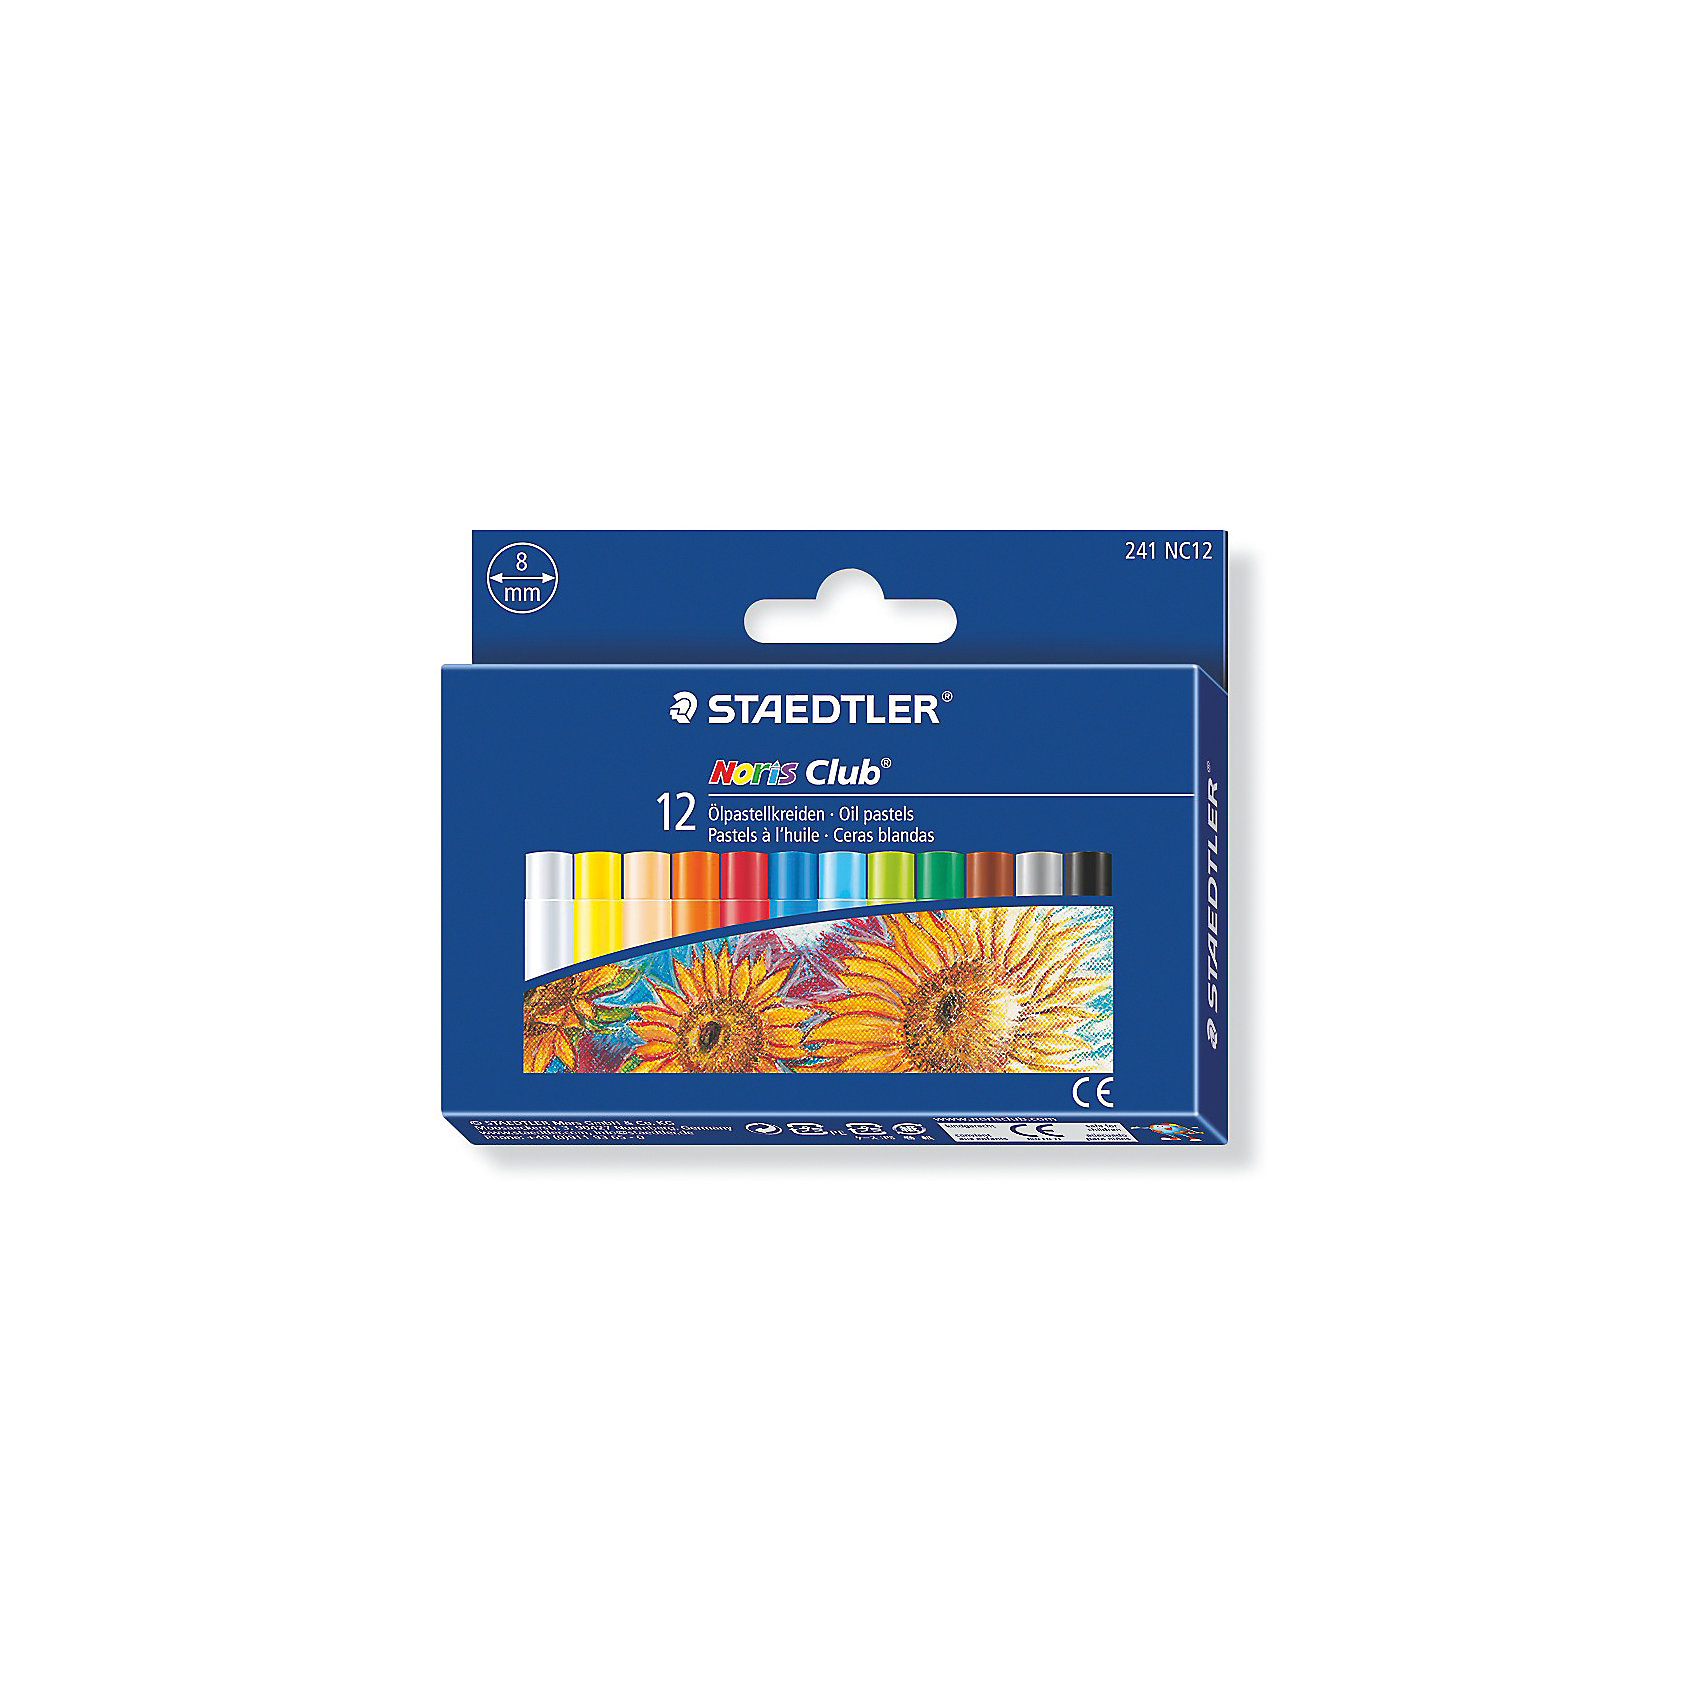 Пастель масляная Noris Club Jumbo, 12 цветовРисование<br>Набор пастели масляной Noris Club® 241 серии. Диаметр 8 мм. Подходит для рисования, перекрытия цвета и техники процарапывания. Держится на всех гладких поверхностях. Высокая устойчивость к поломке. Бумажная манжетка с полем для имени. 12 ярких цветов в картонной упаковке.<br><br>Ширина мм: 130<br>Глубина мм: 100<br>Высота мм: 170<br>Вес г: 85<br>Возраст от месяцев: 60<br>Возраст до месяцев: 2147483647<br>Пол: Унисекс<br>Возраст: Детский<br>SKU: 5530007